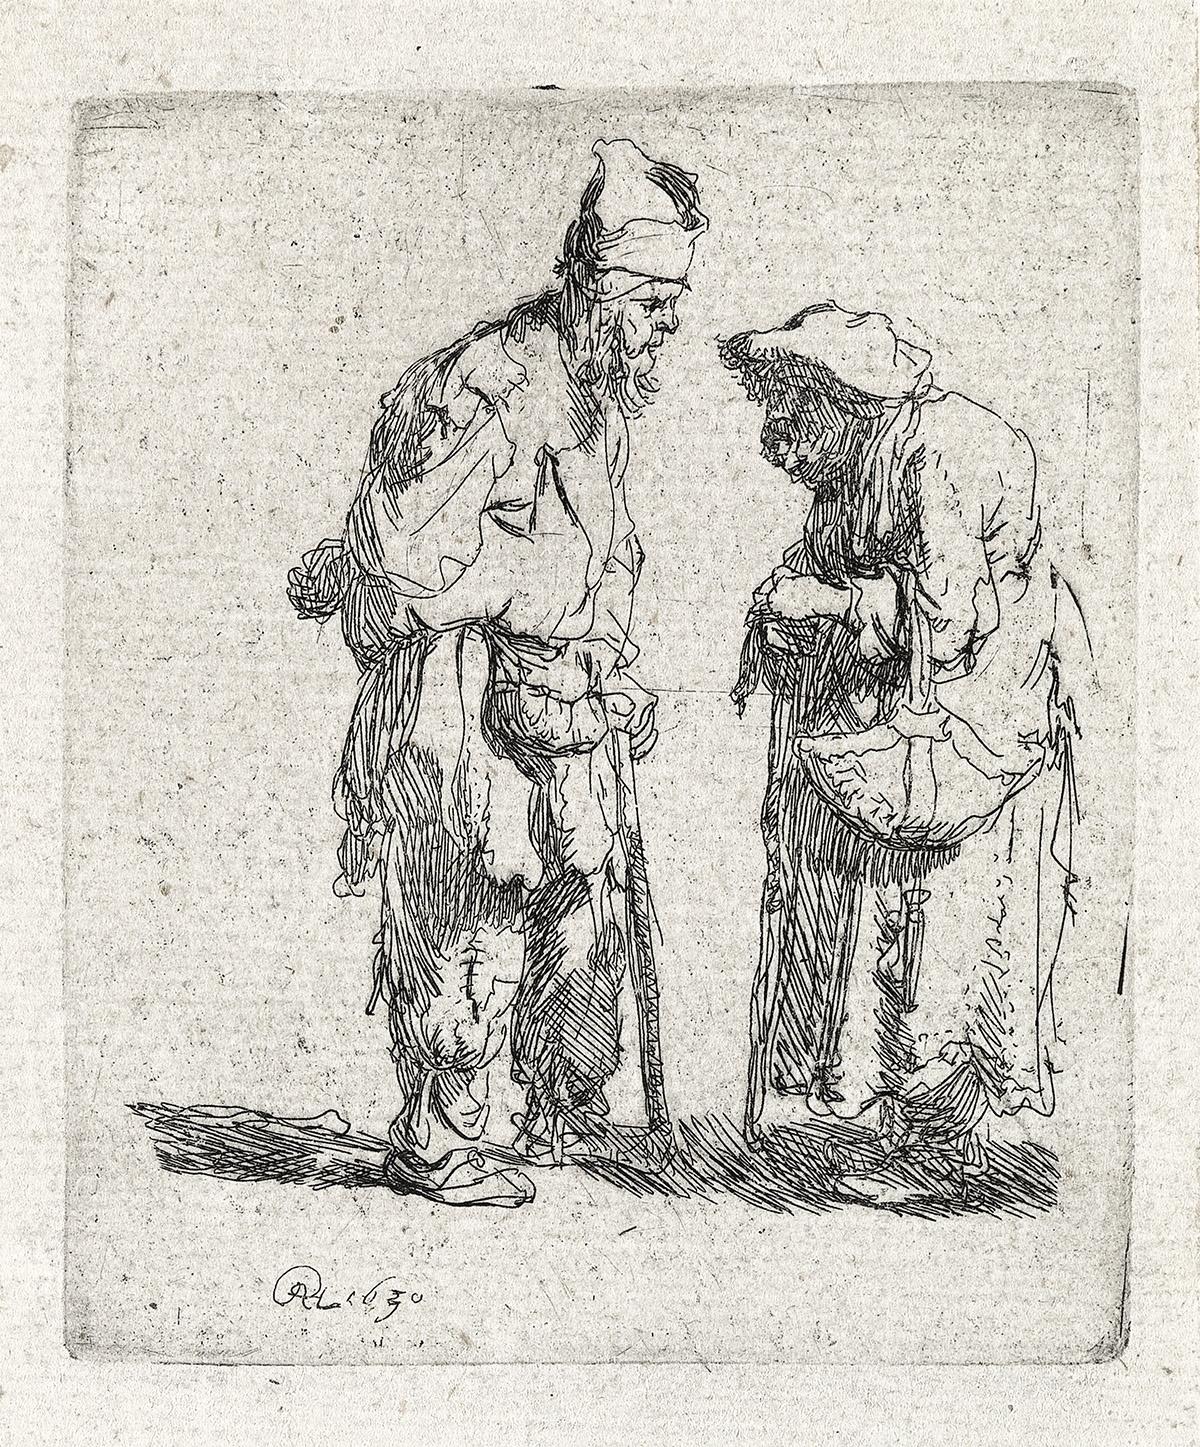 REMBRANDT-VAN-RIJN-Beggar-Man-and-a-Beggar-Woman-Conversing